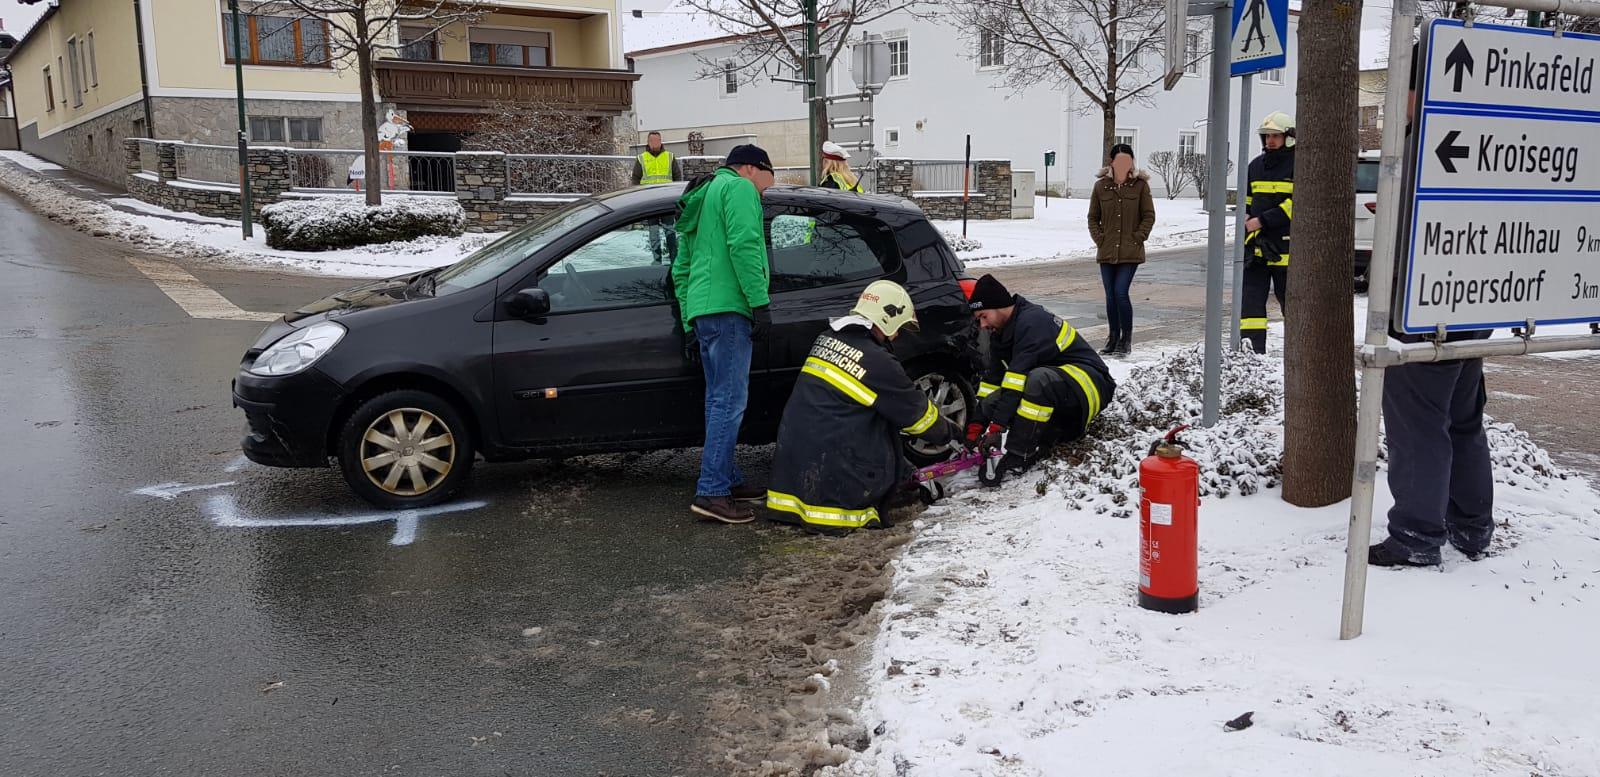 Technischer Einsatz vom 23.01.2019  |  (C) Feuerwehr Grafenschachen (2019)